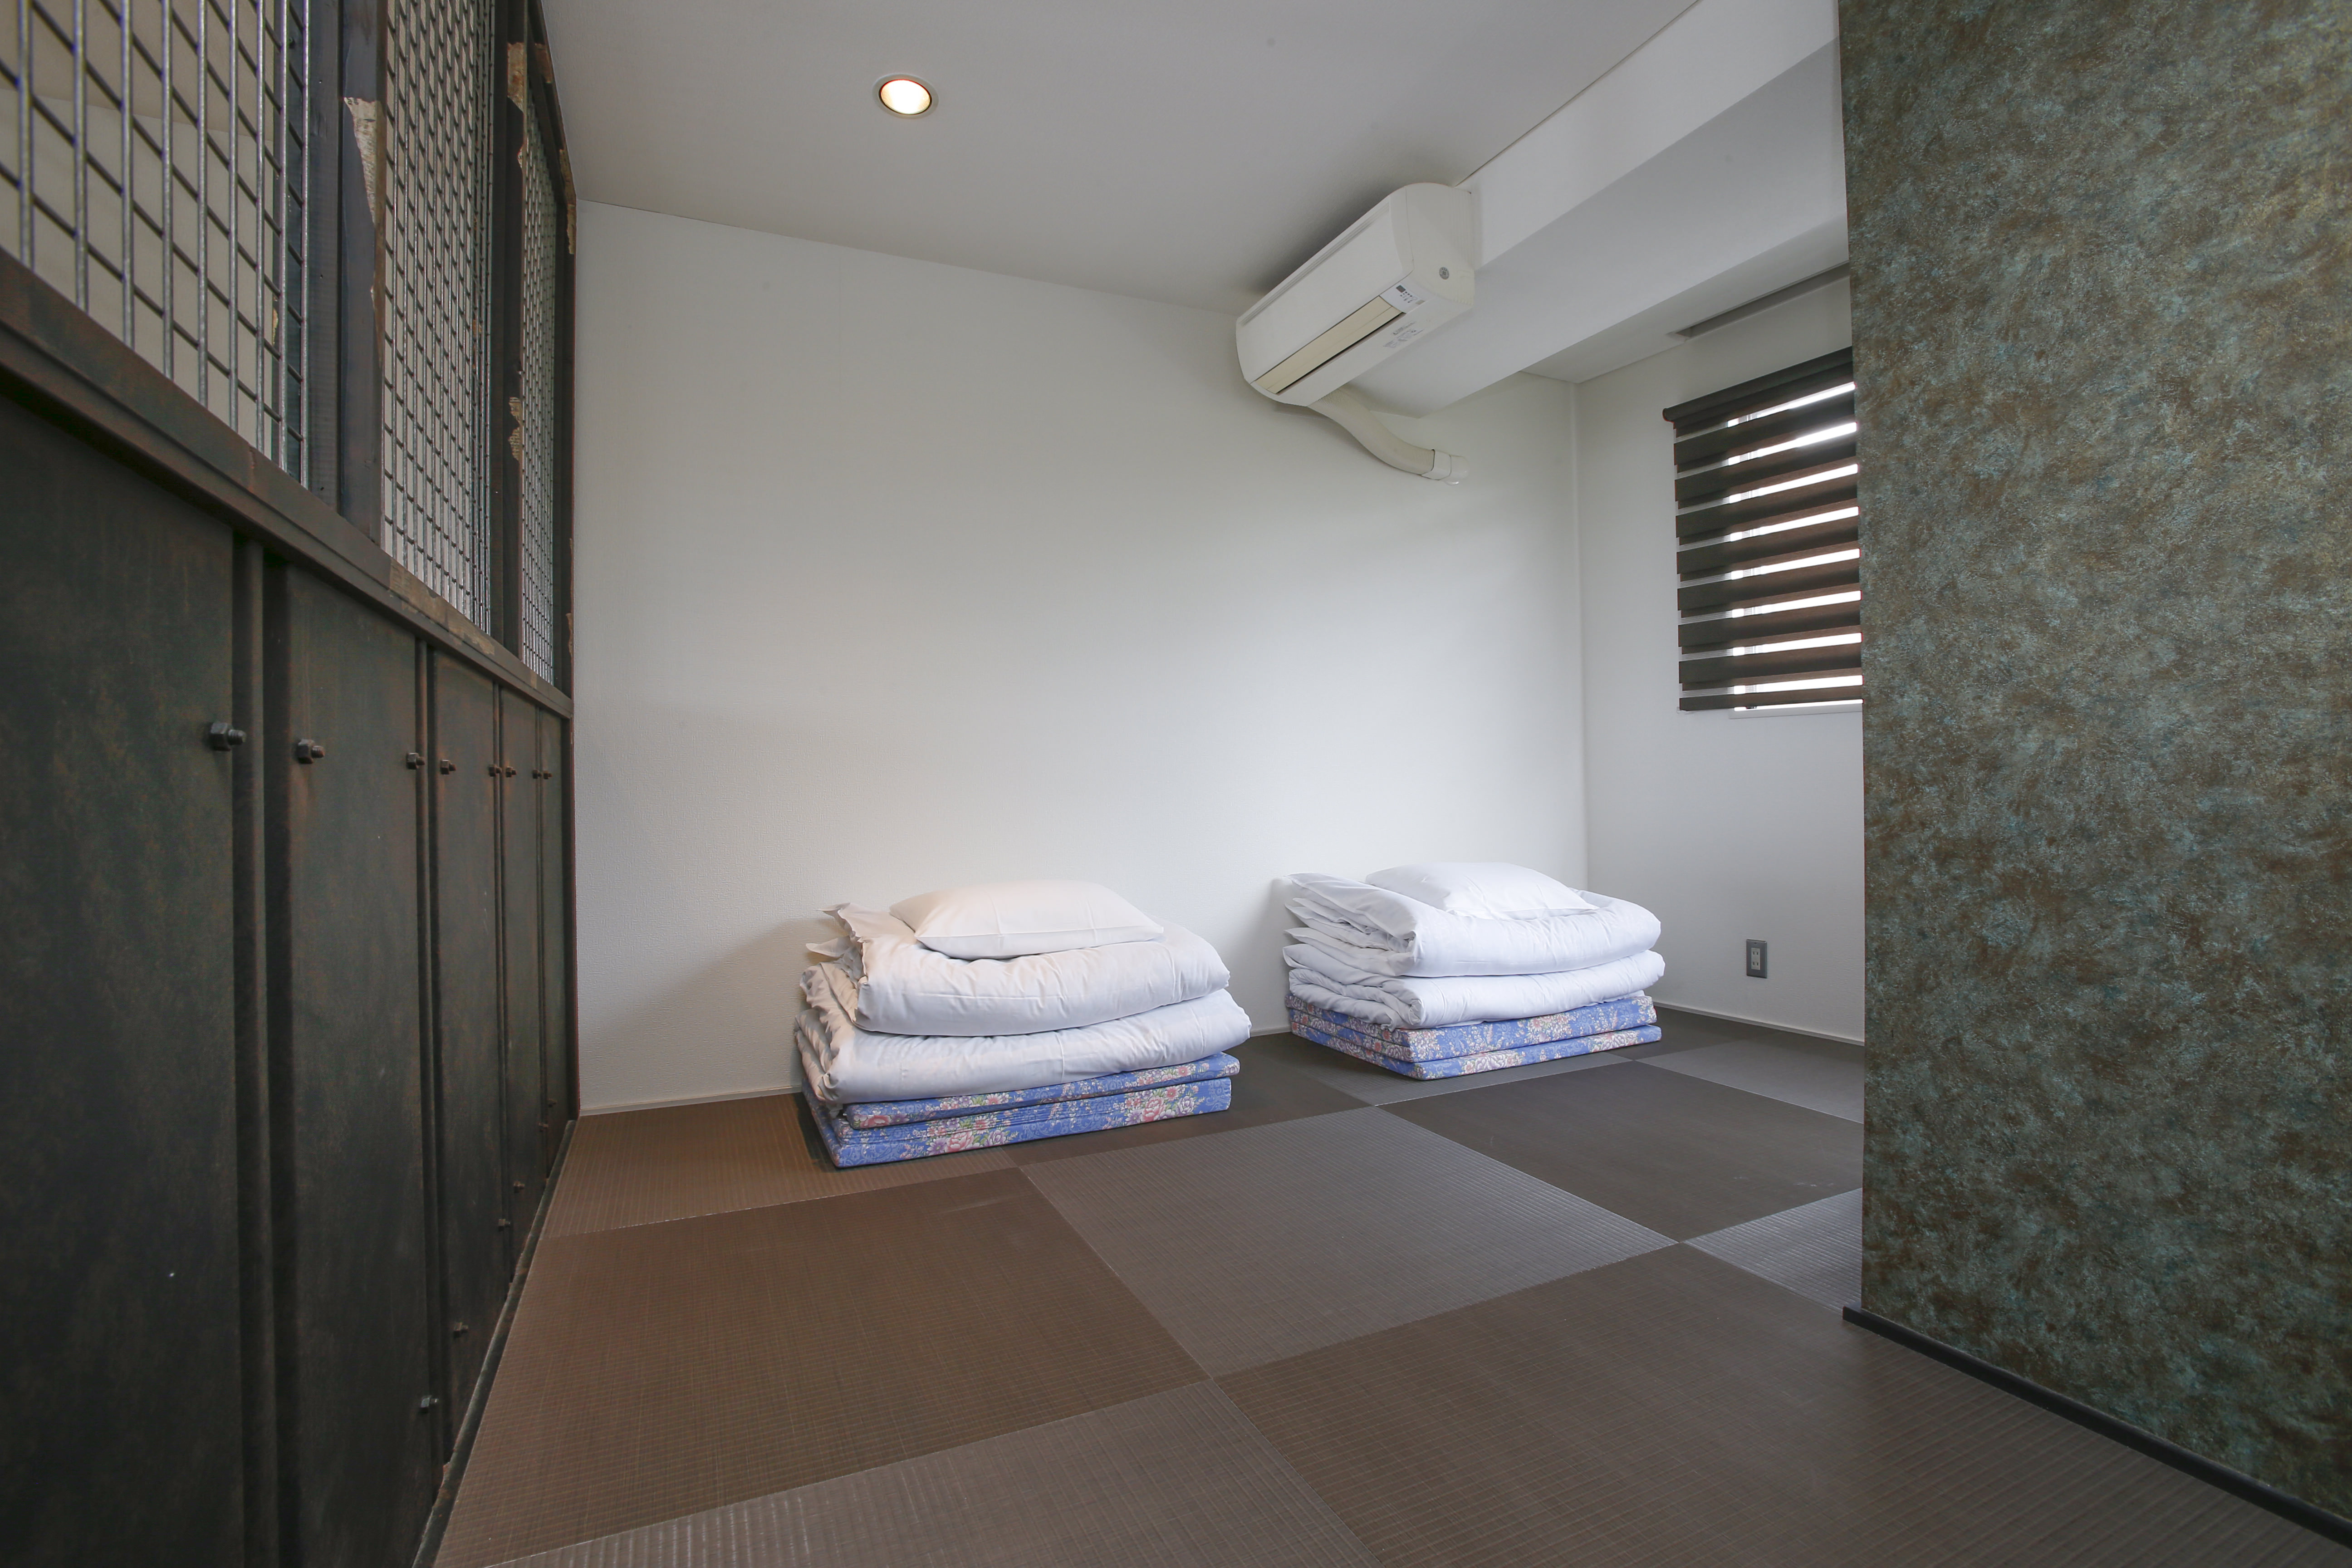 Deluxe 2 Bedroom Yoyogi / Shibuya